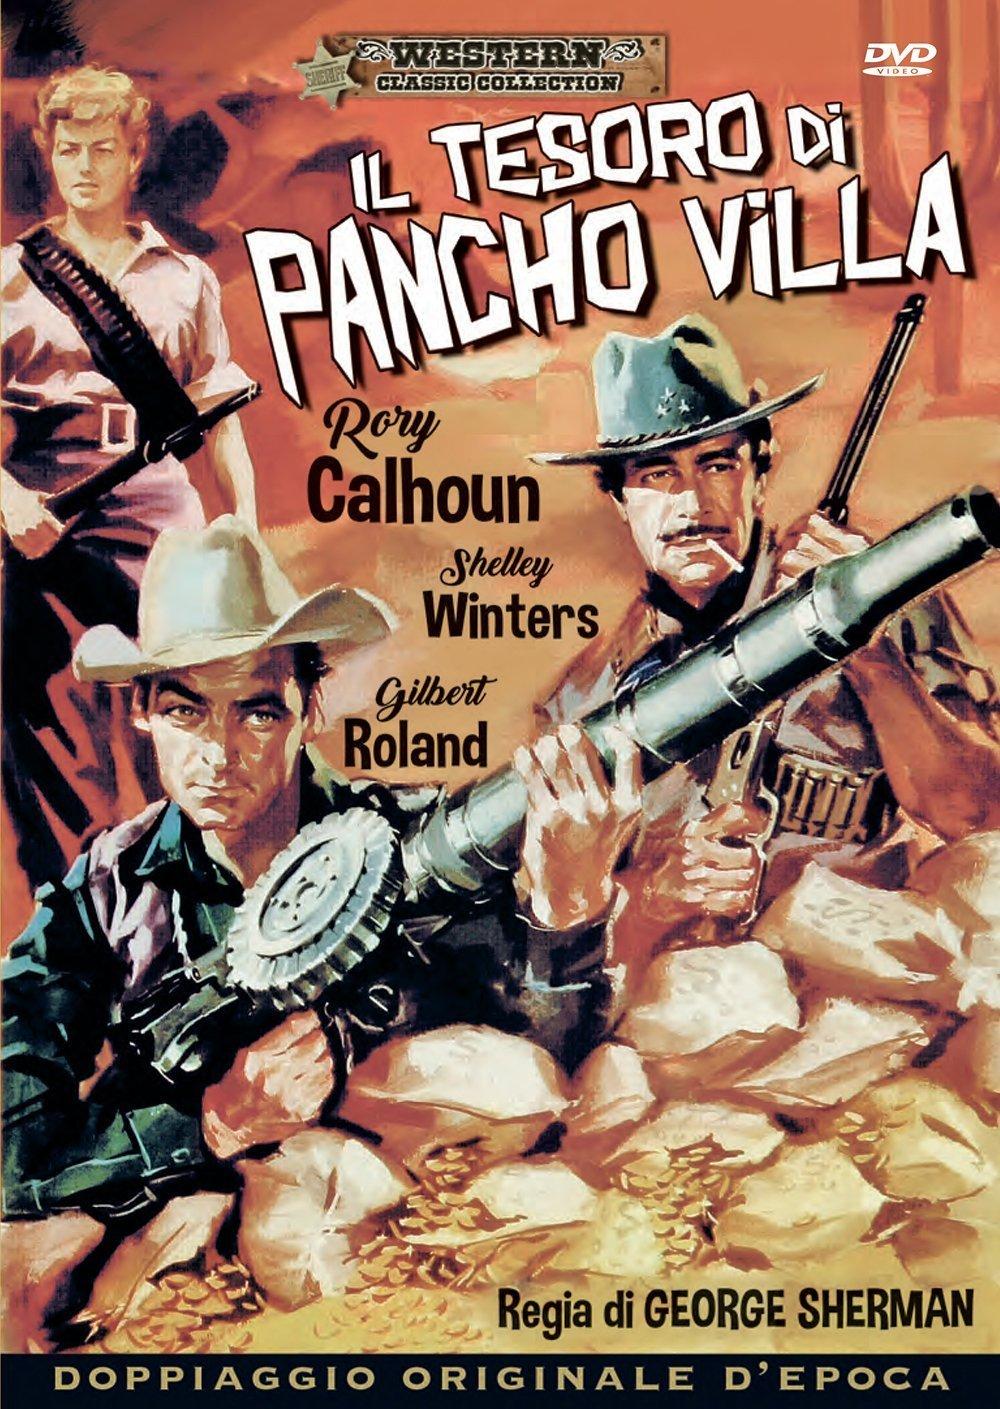 IL TESORO DI PANCHO VILLA (DVD)